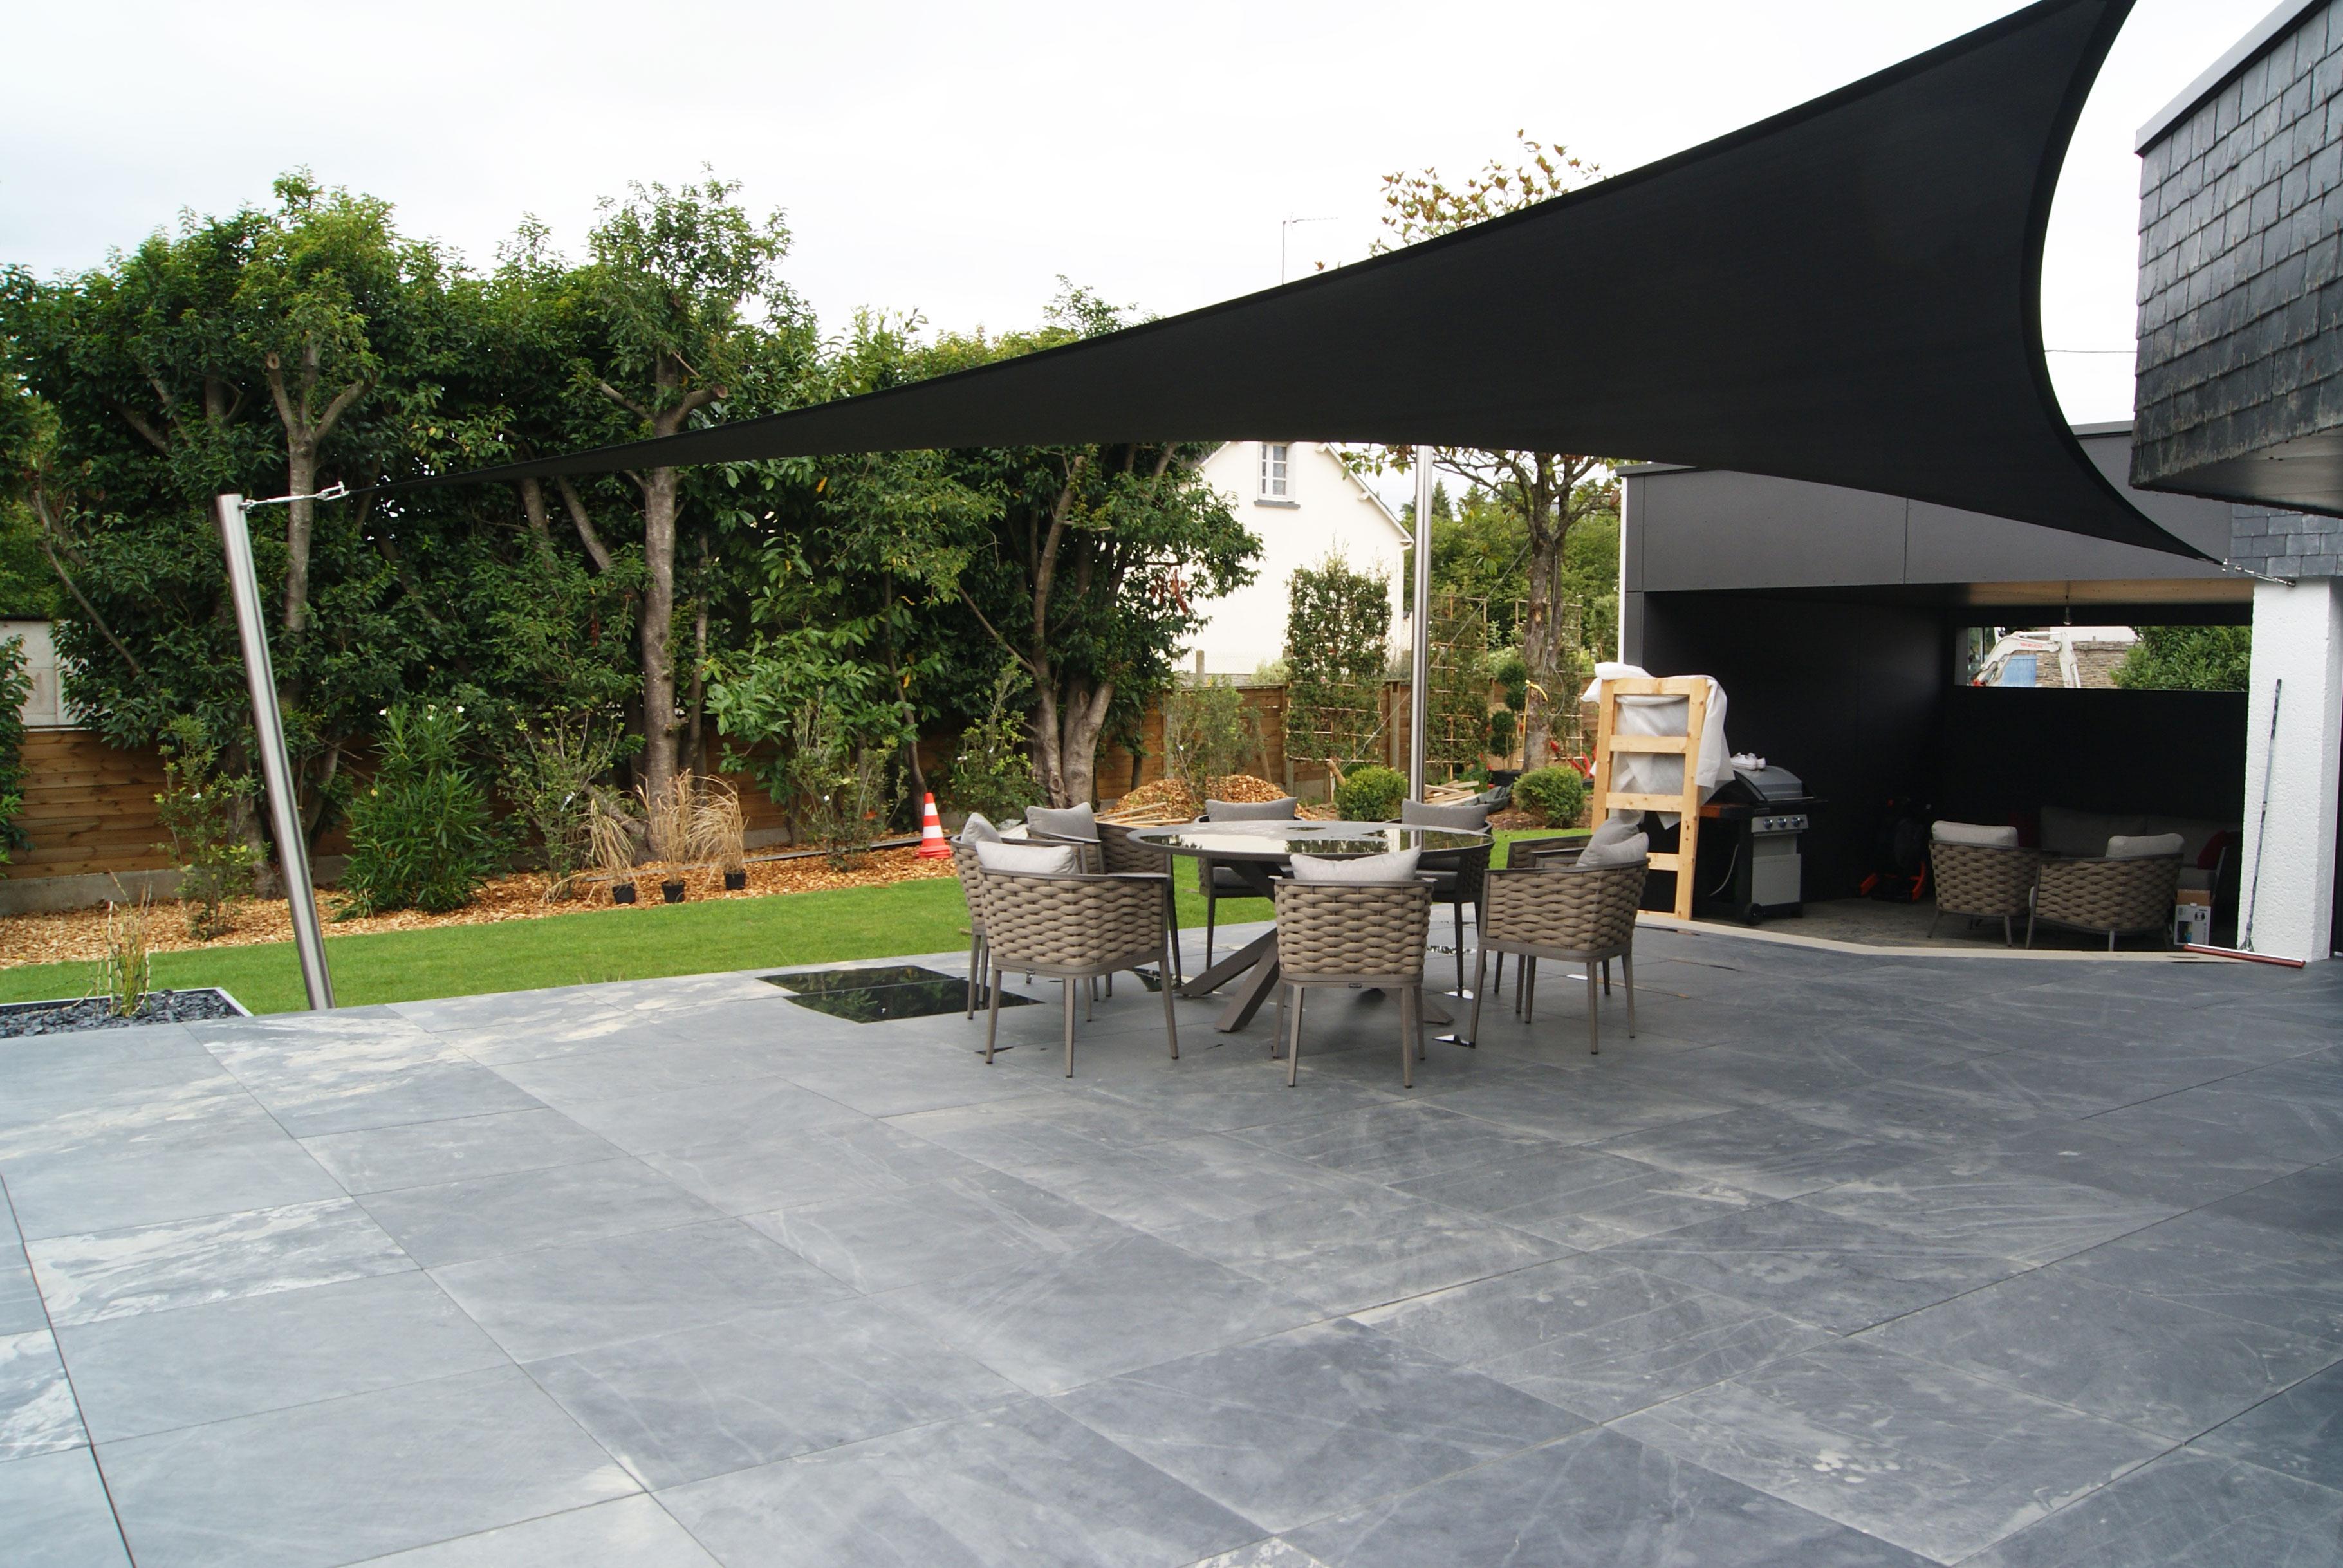 Terrasse pierre naturelle. voile d'ombrage. Cuisine d'été. Jardin contemporain. Jardins des 4 Saisons. Guer, Ploërmel, Redon, Plélan-Le-Grand, Maure de Bretagne